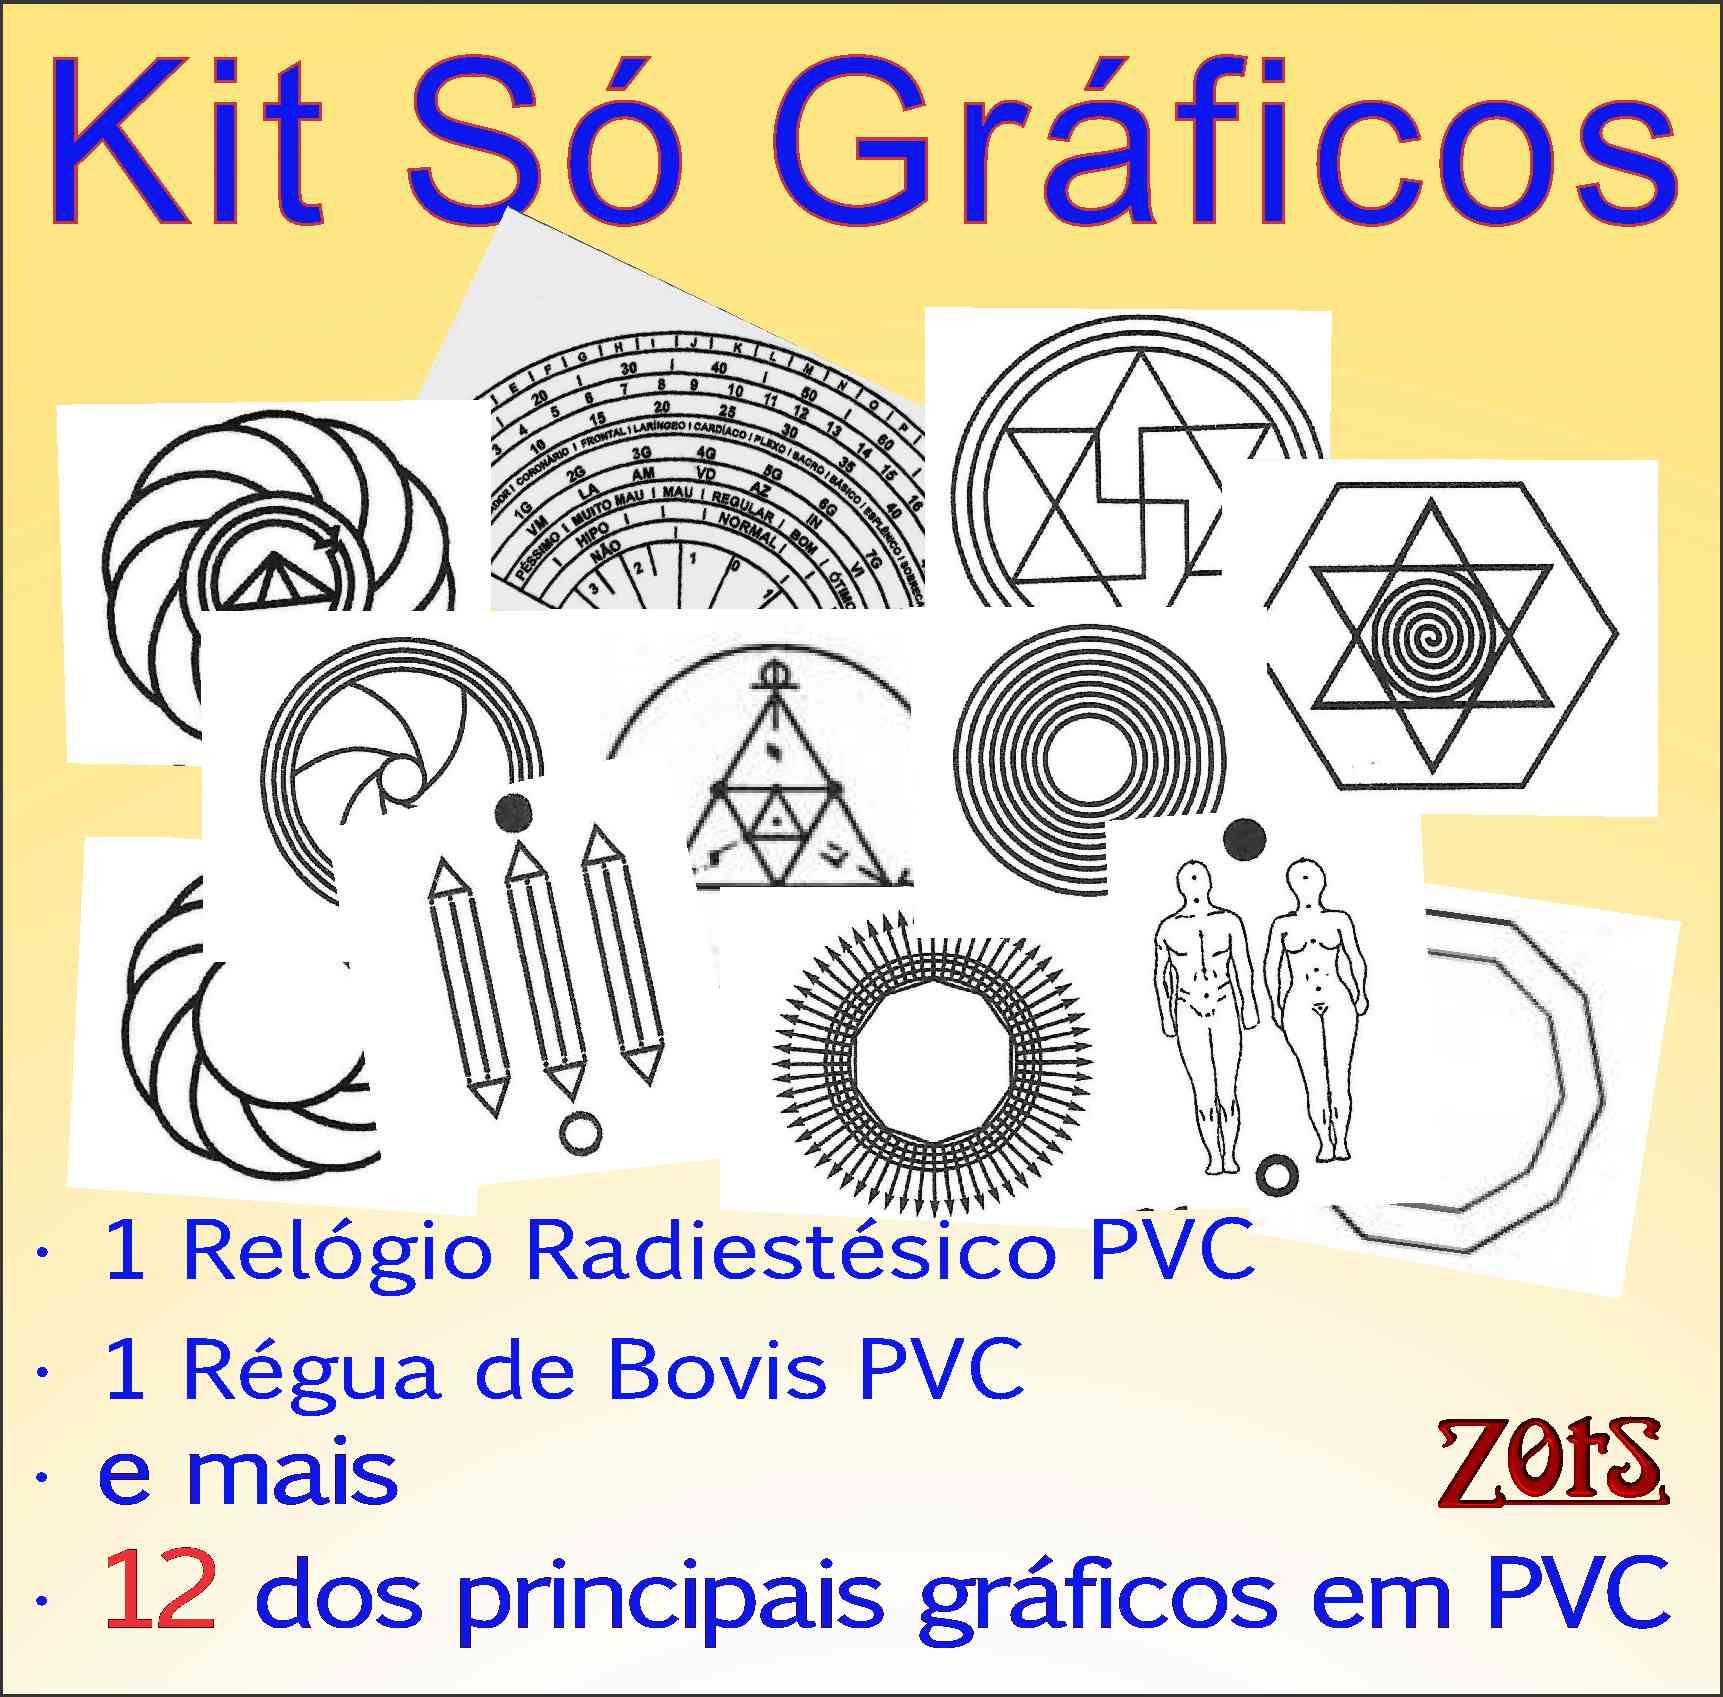 Kit  Só Gráficos